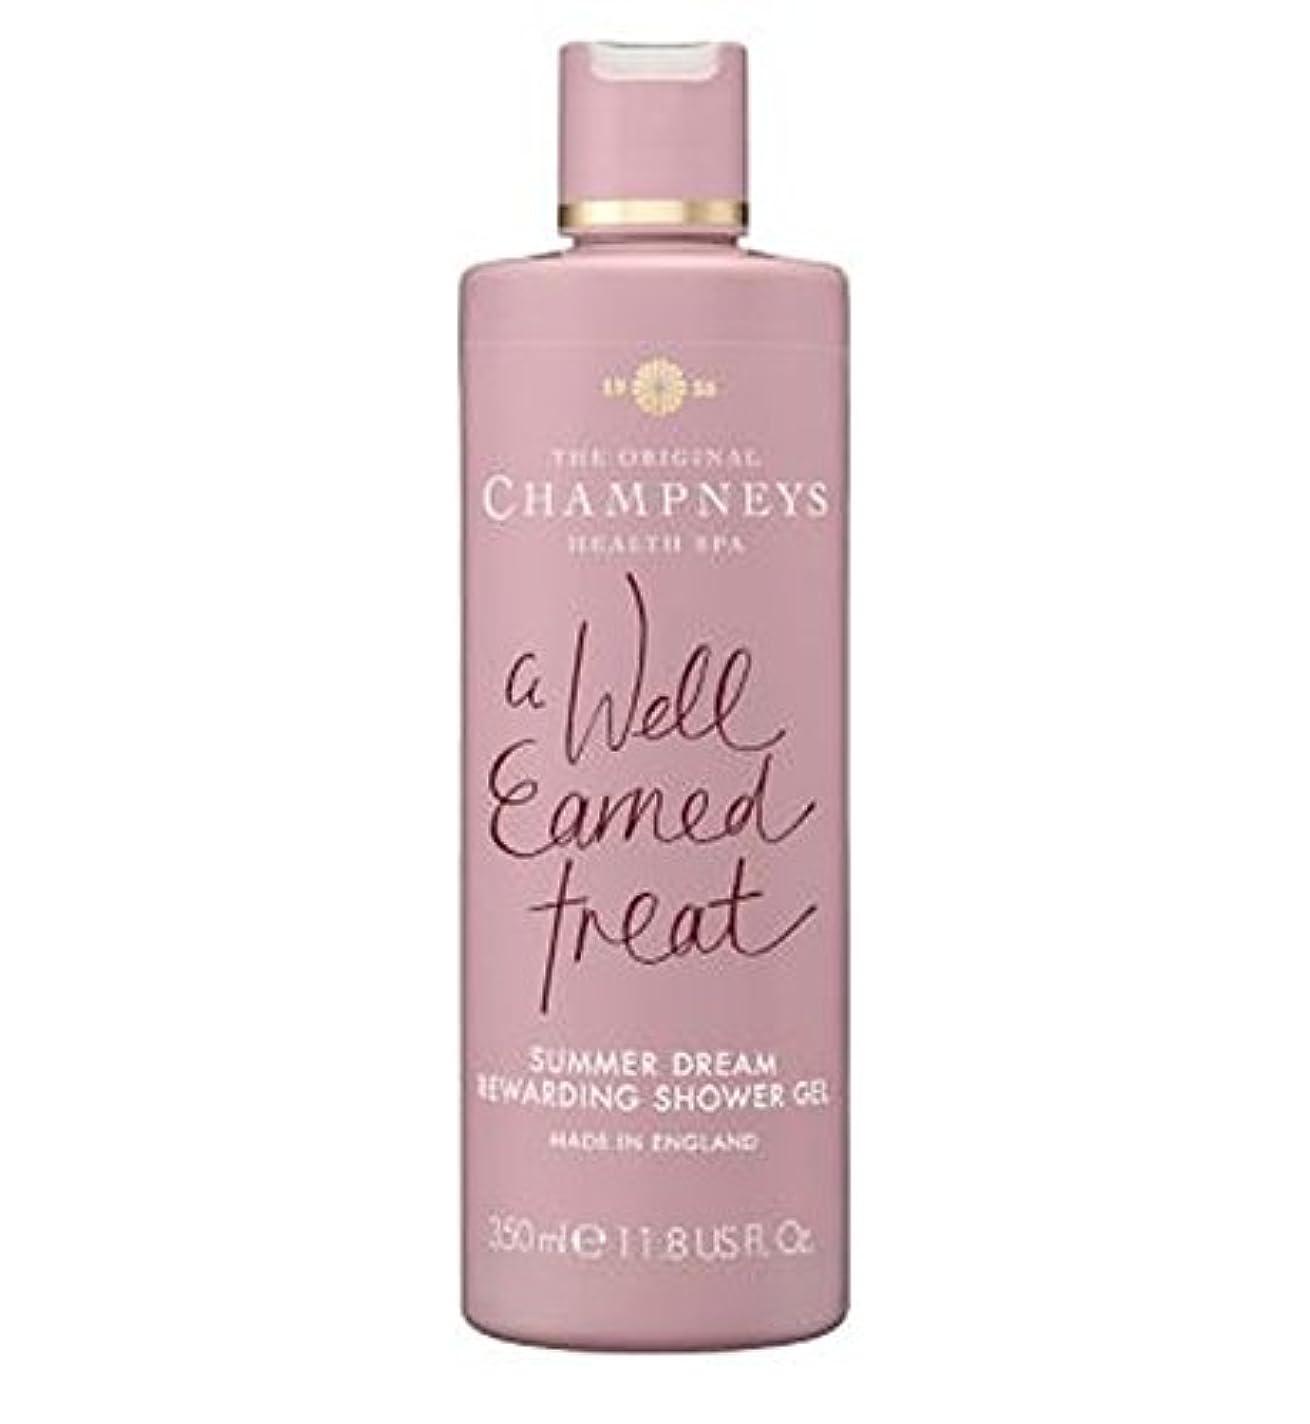 実装する鳩共同選択Champneys Summer Dream Rewarding Shower Gel 350ml - チャンプニーズの夏の夢やりがいのシャワージェル350ミリリットル (Champneys) [並行輸入品]